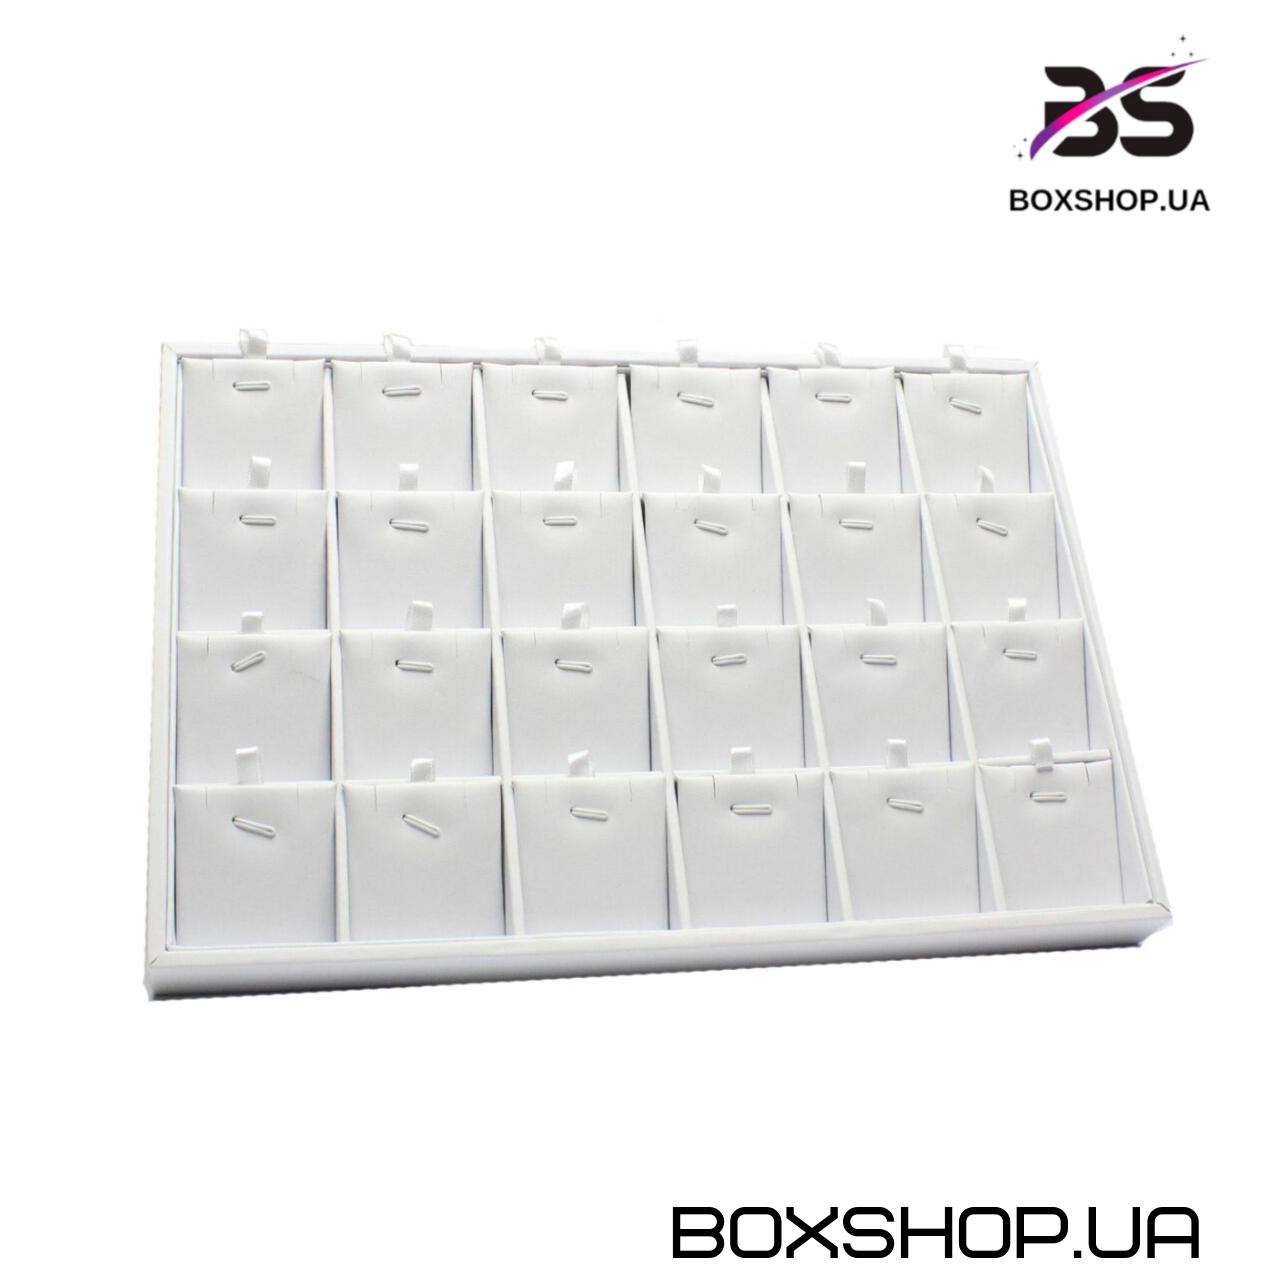 Планшет для наборов белый